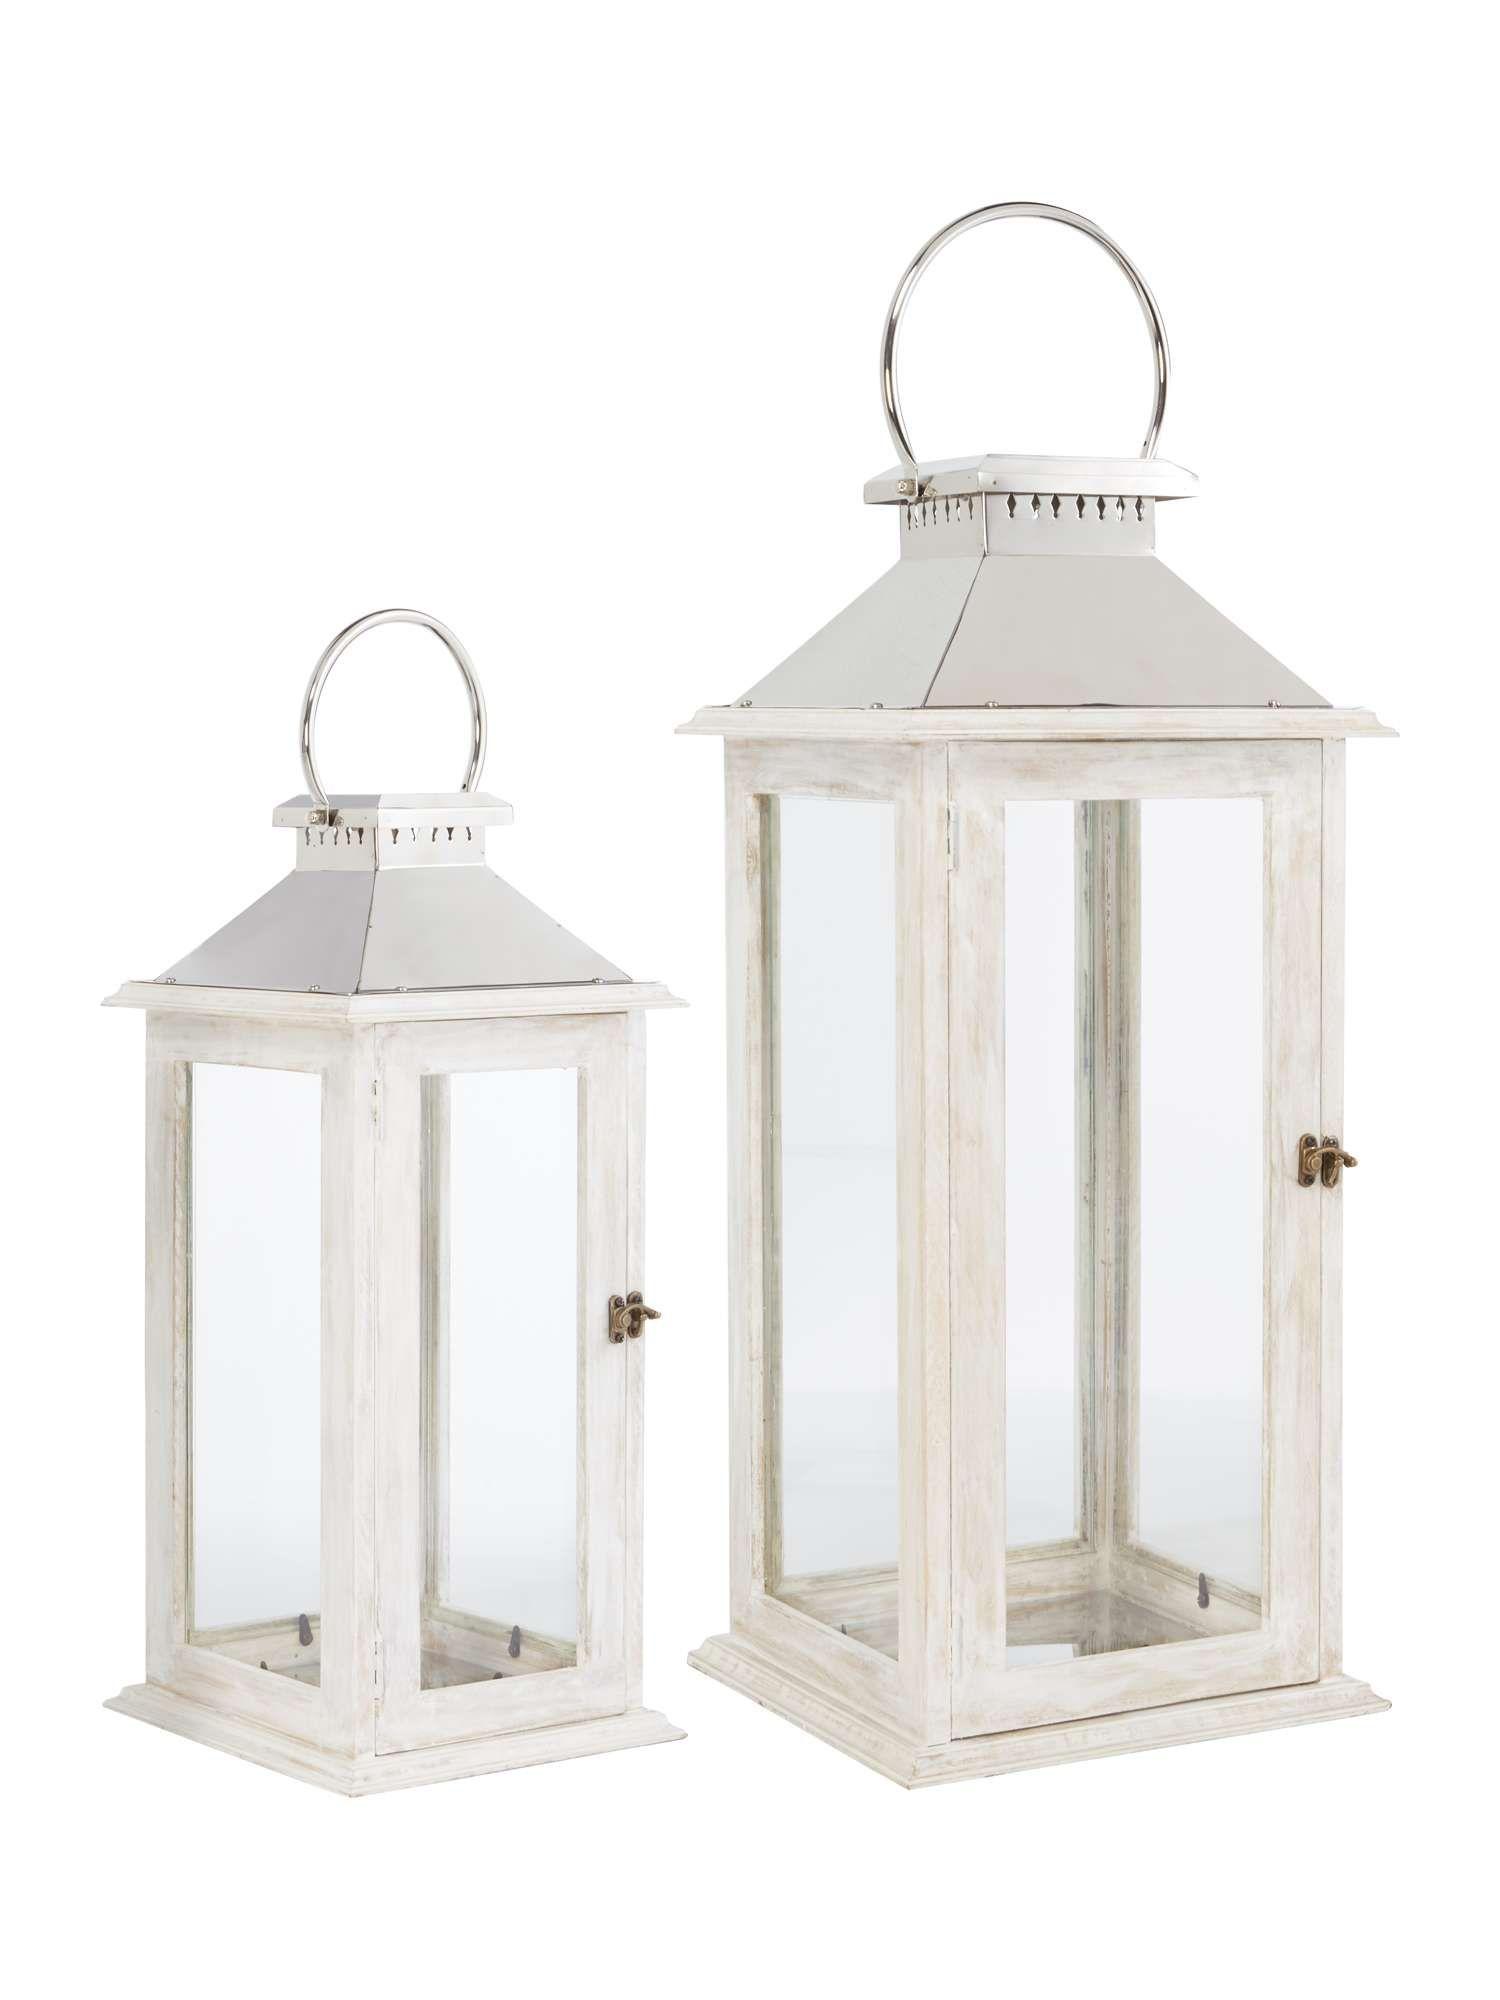 Linea White Wooden Lantern Small House Of Fraser White Wooden Lantern Wooden Lanterns White Candle Lanterns